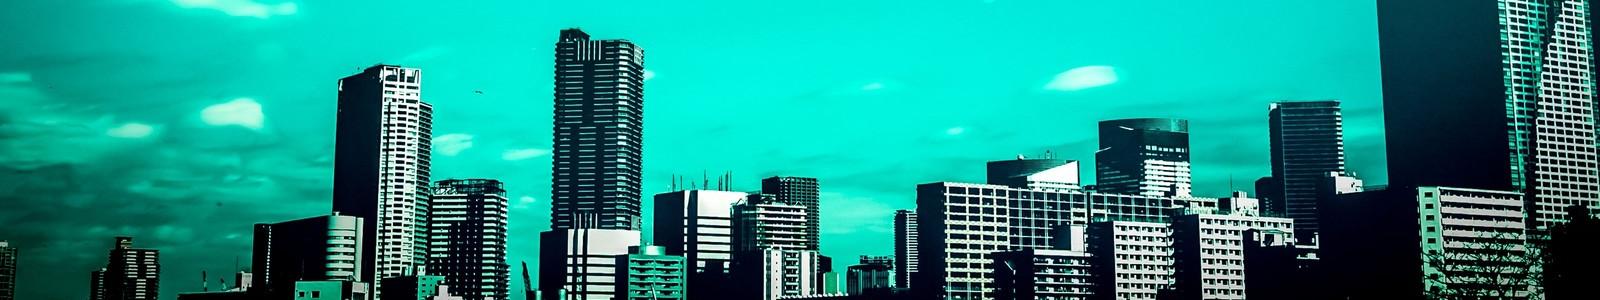 一般社団法人 新宿区印刷・製本関連団体協議会